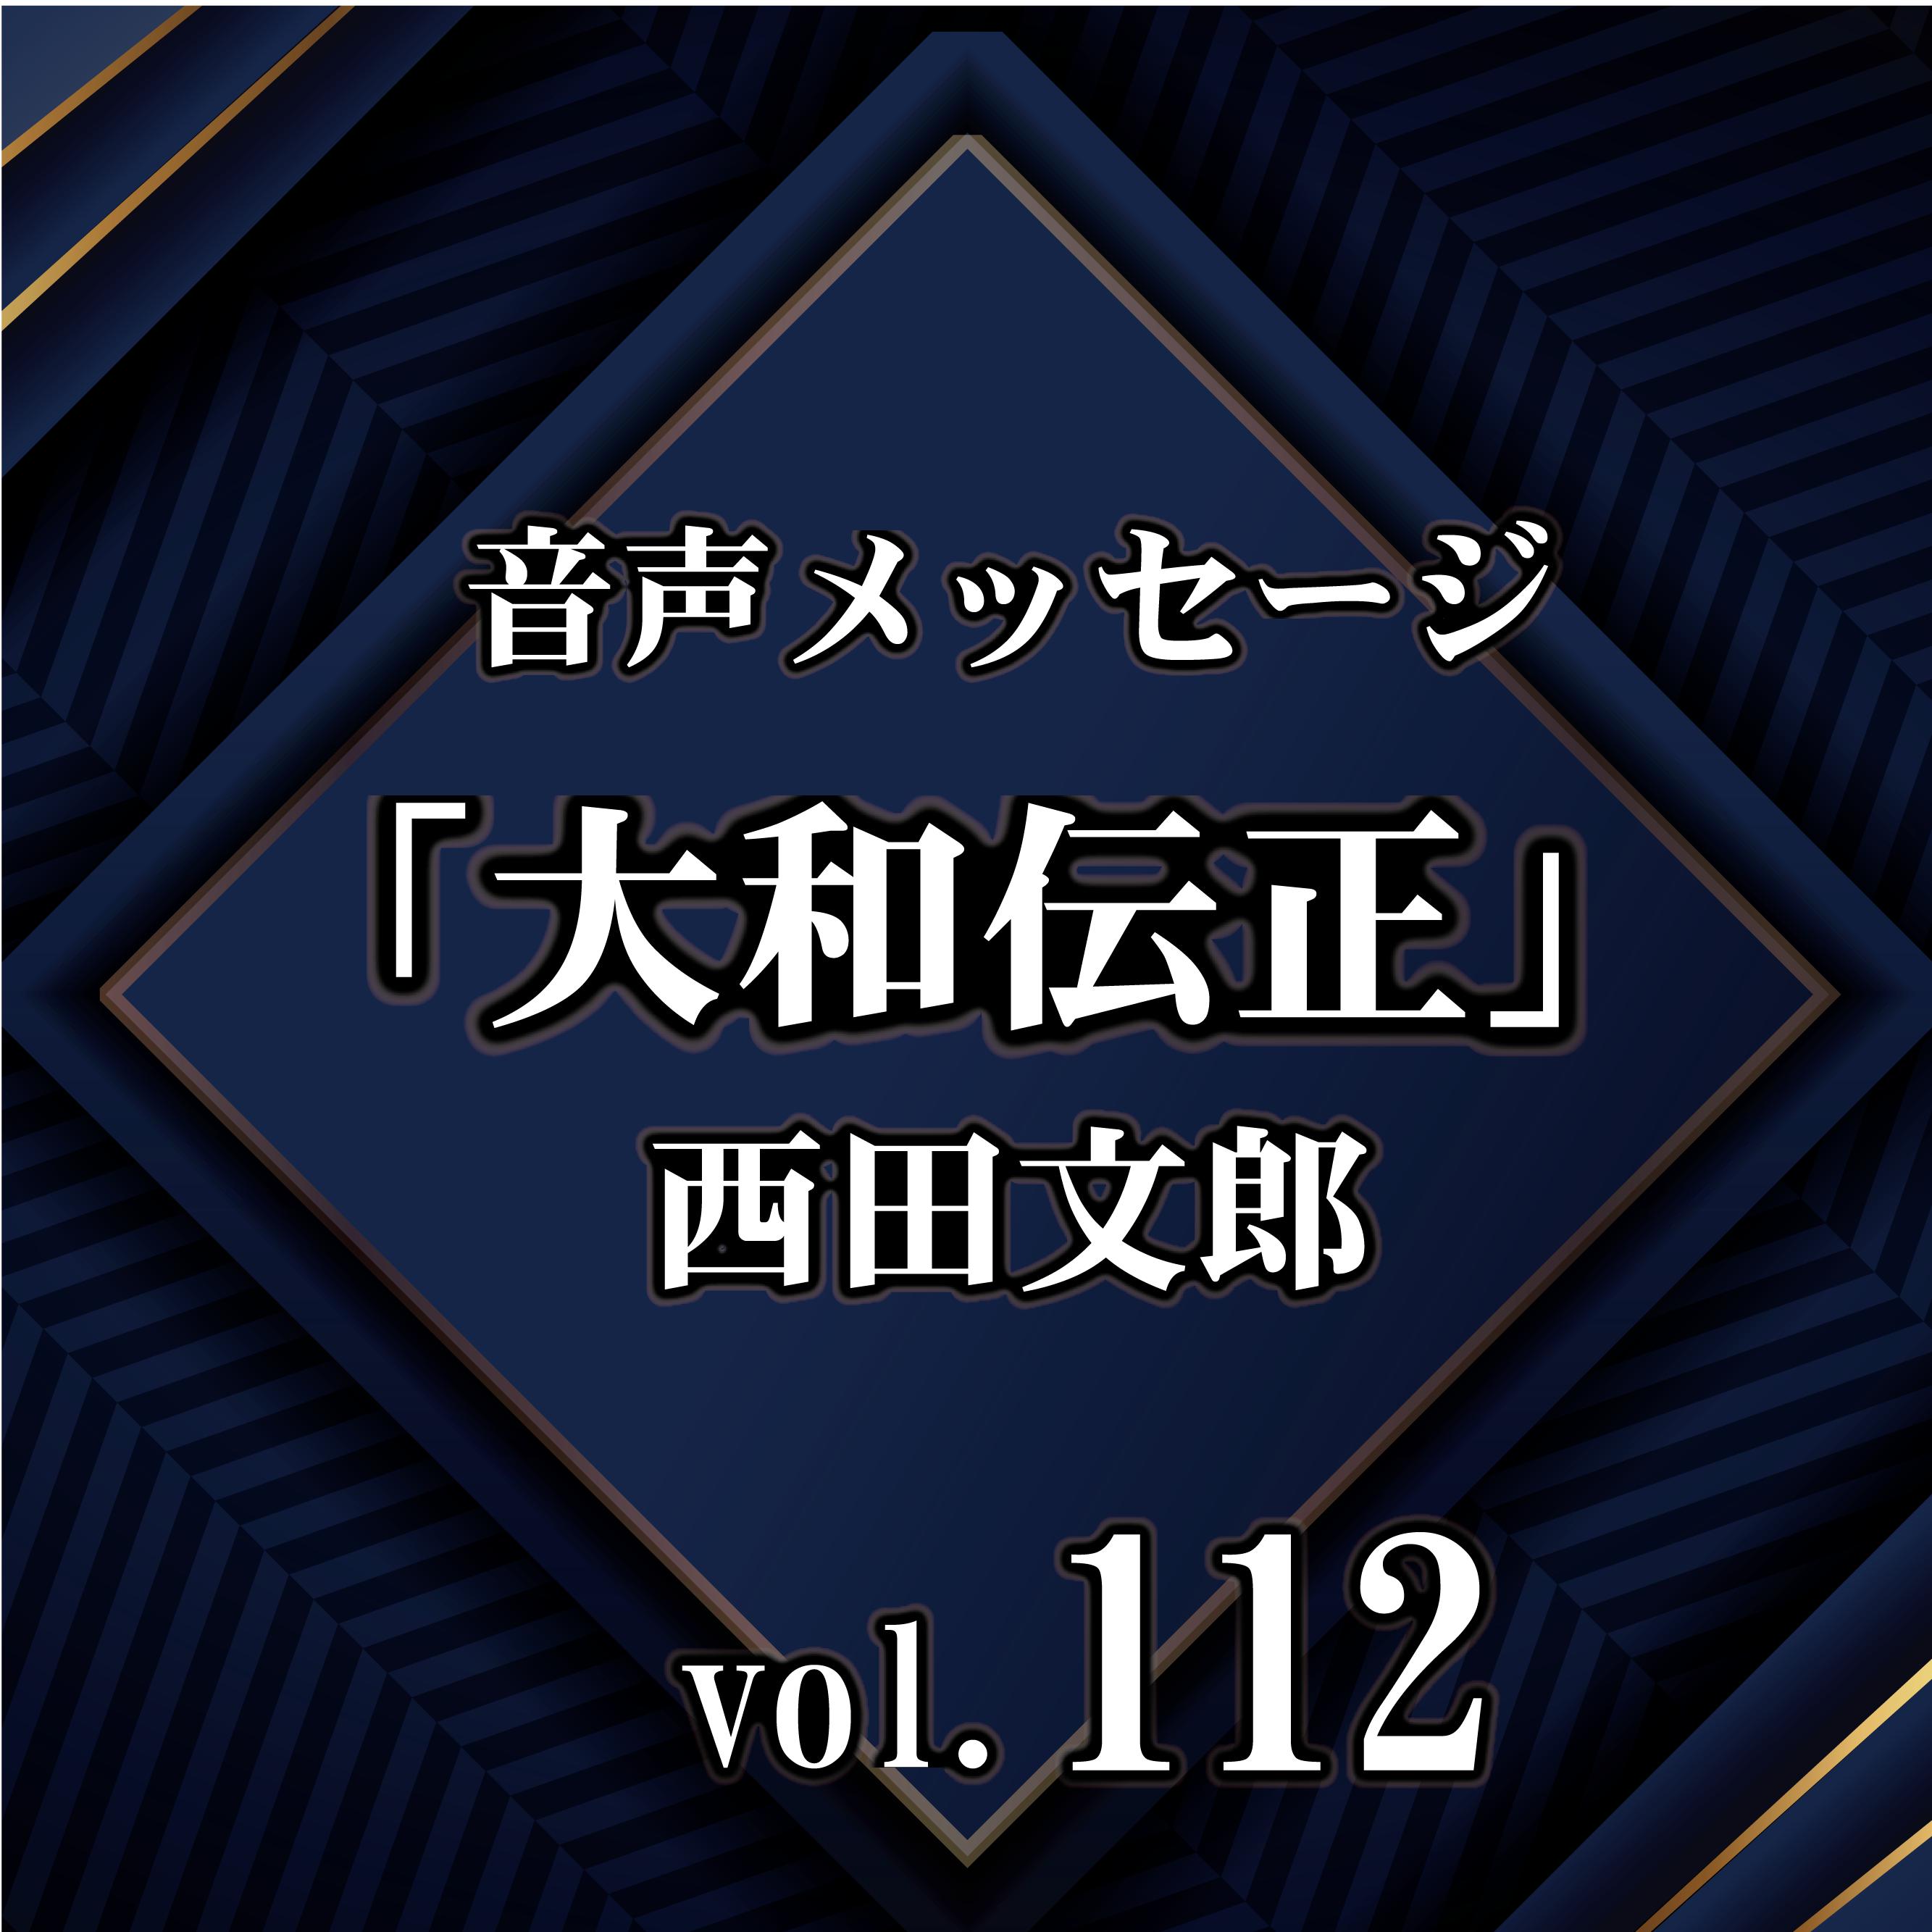 西田文郎 音声メッセージvol.112『大和伝正』